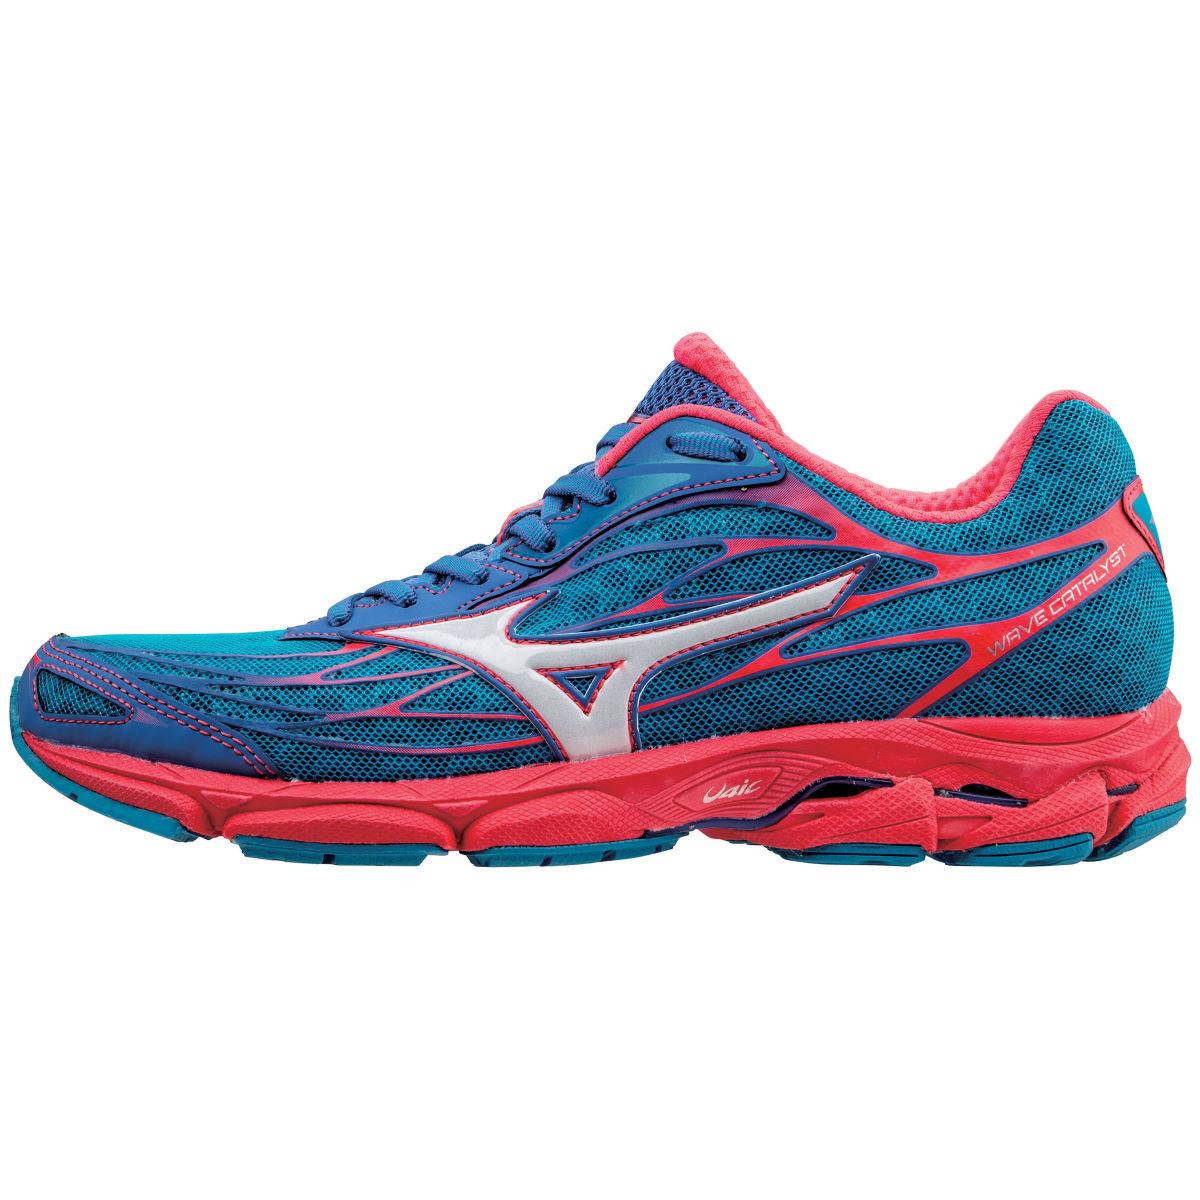 f1c43f70b57 Zapatillas Mizuno Wave Catalyst para mujer (PV16) - Zapatillas de atletismo